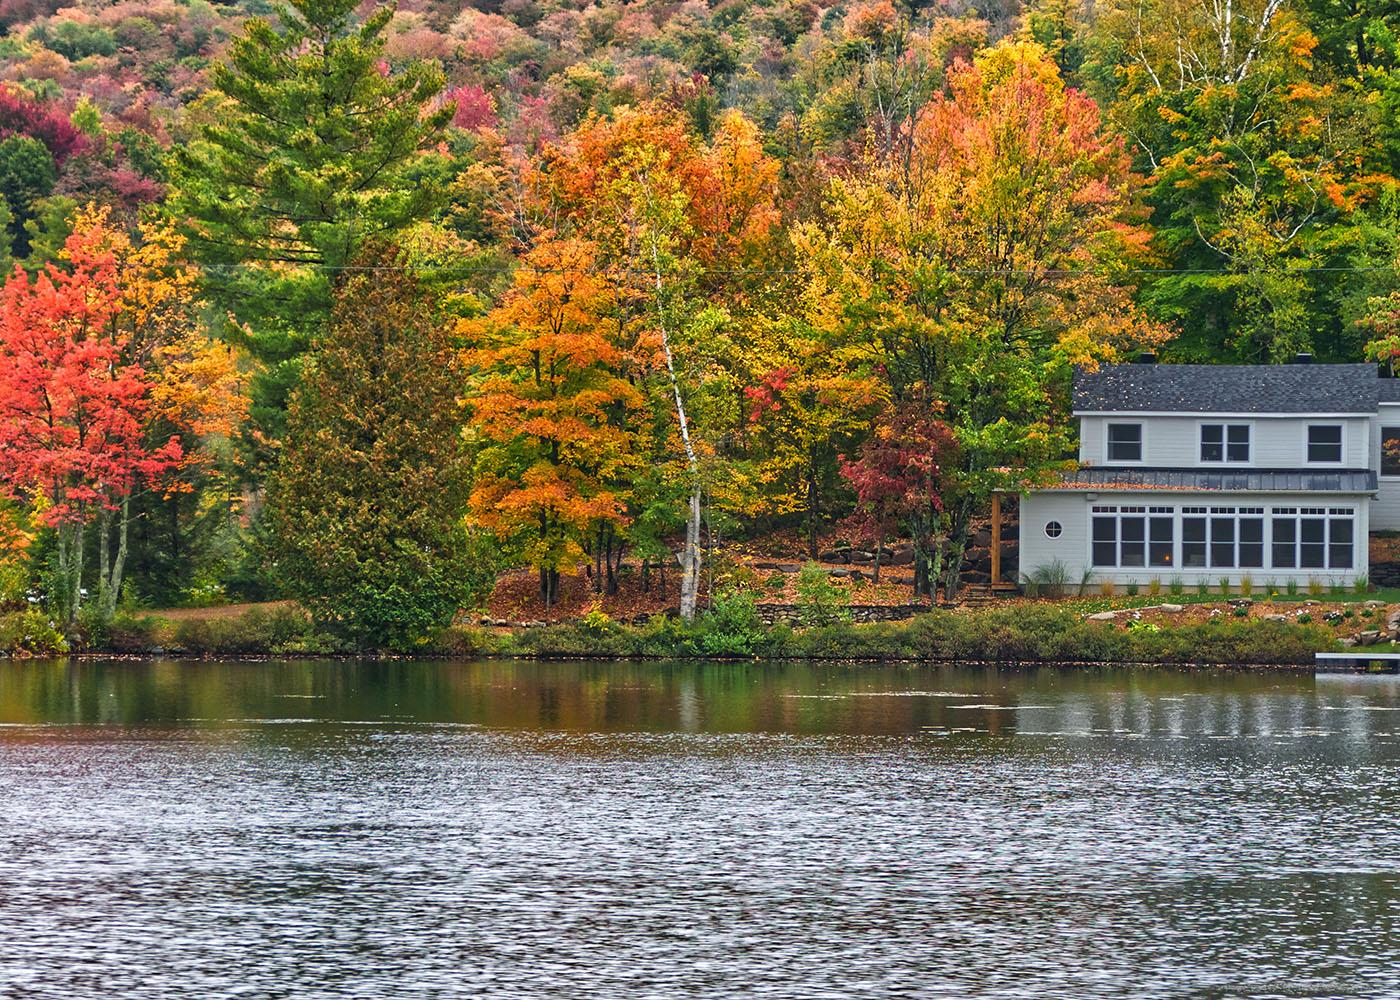 Vous prévoyez acheter une maison au Canada? Préparez-vous à ces 10 coûts cachés. Thumbnail